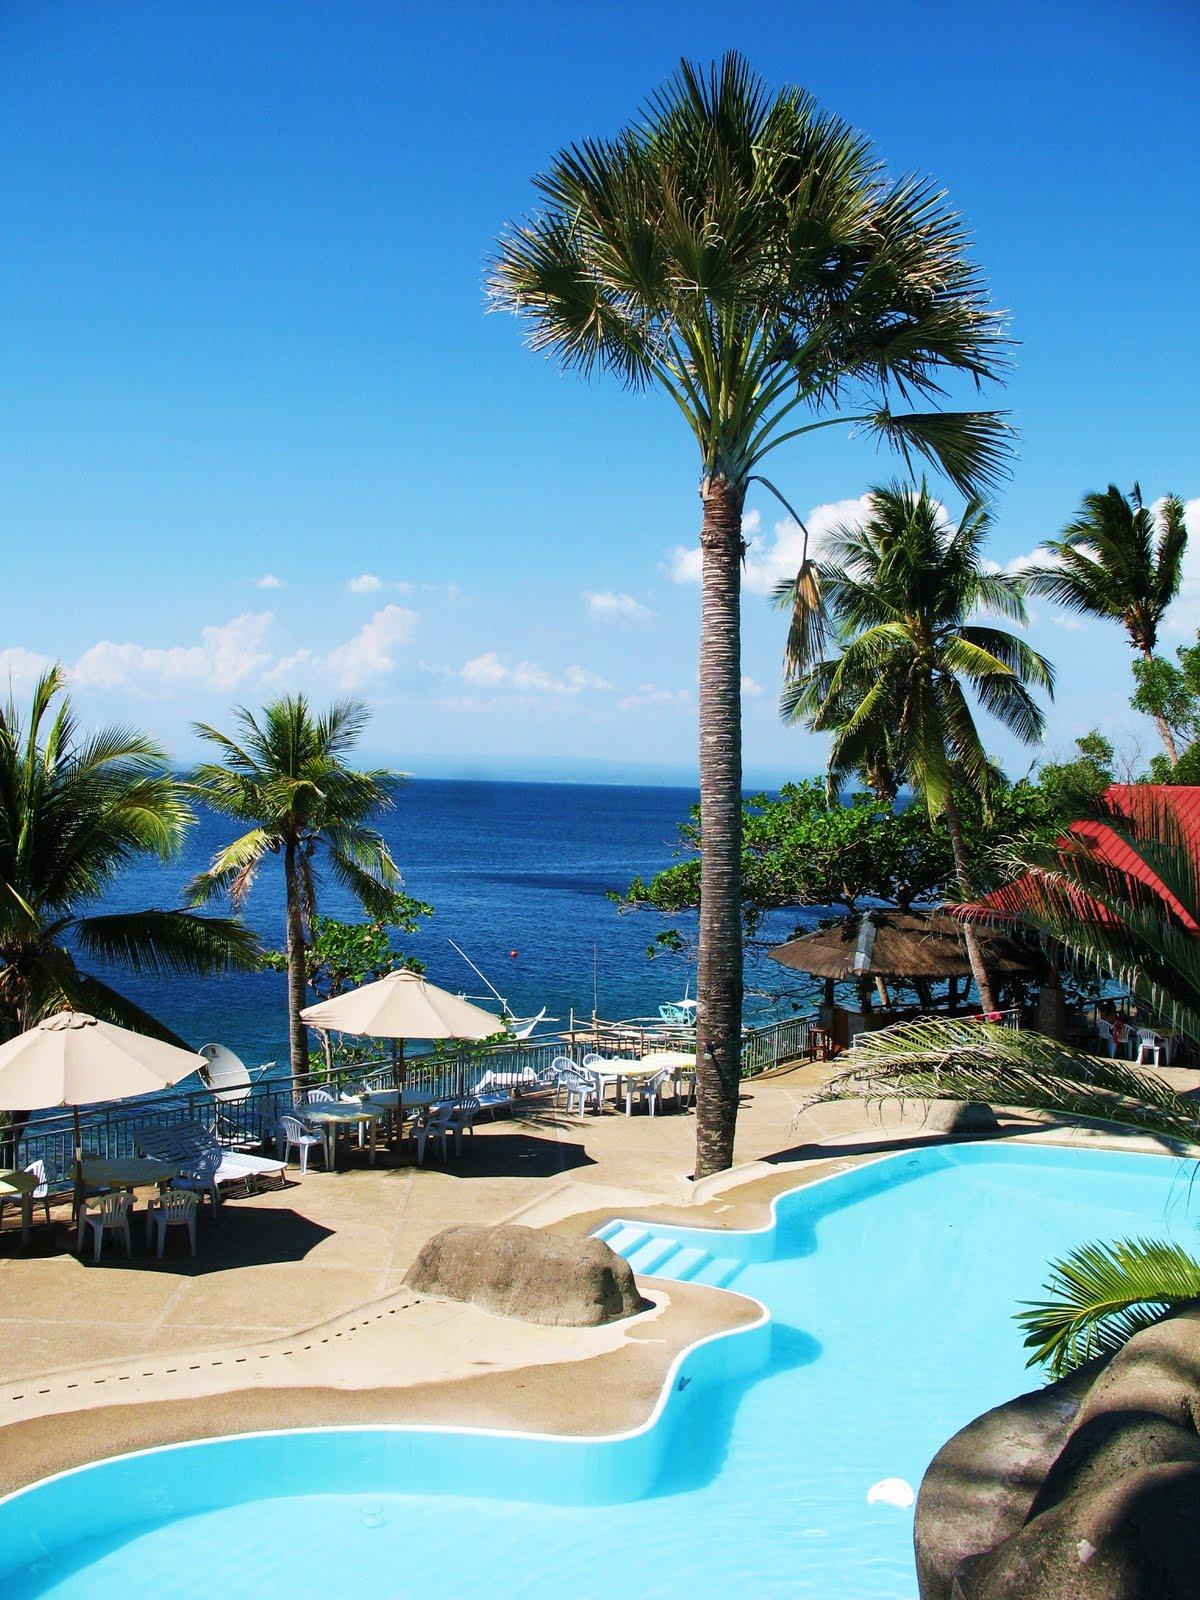 Eagle point batangas beach resort pantaxa - 2 5